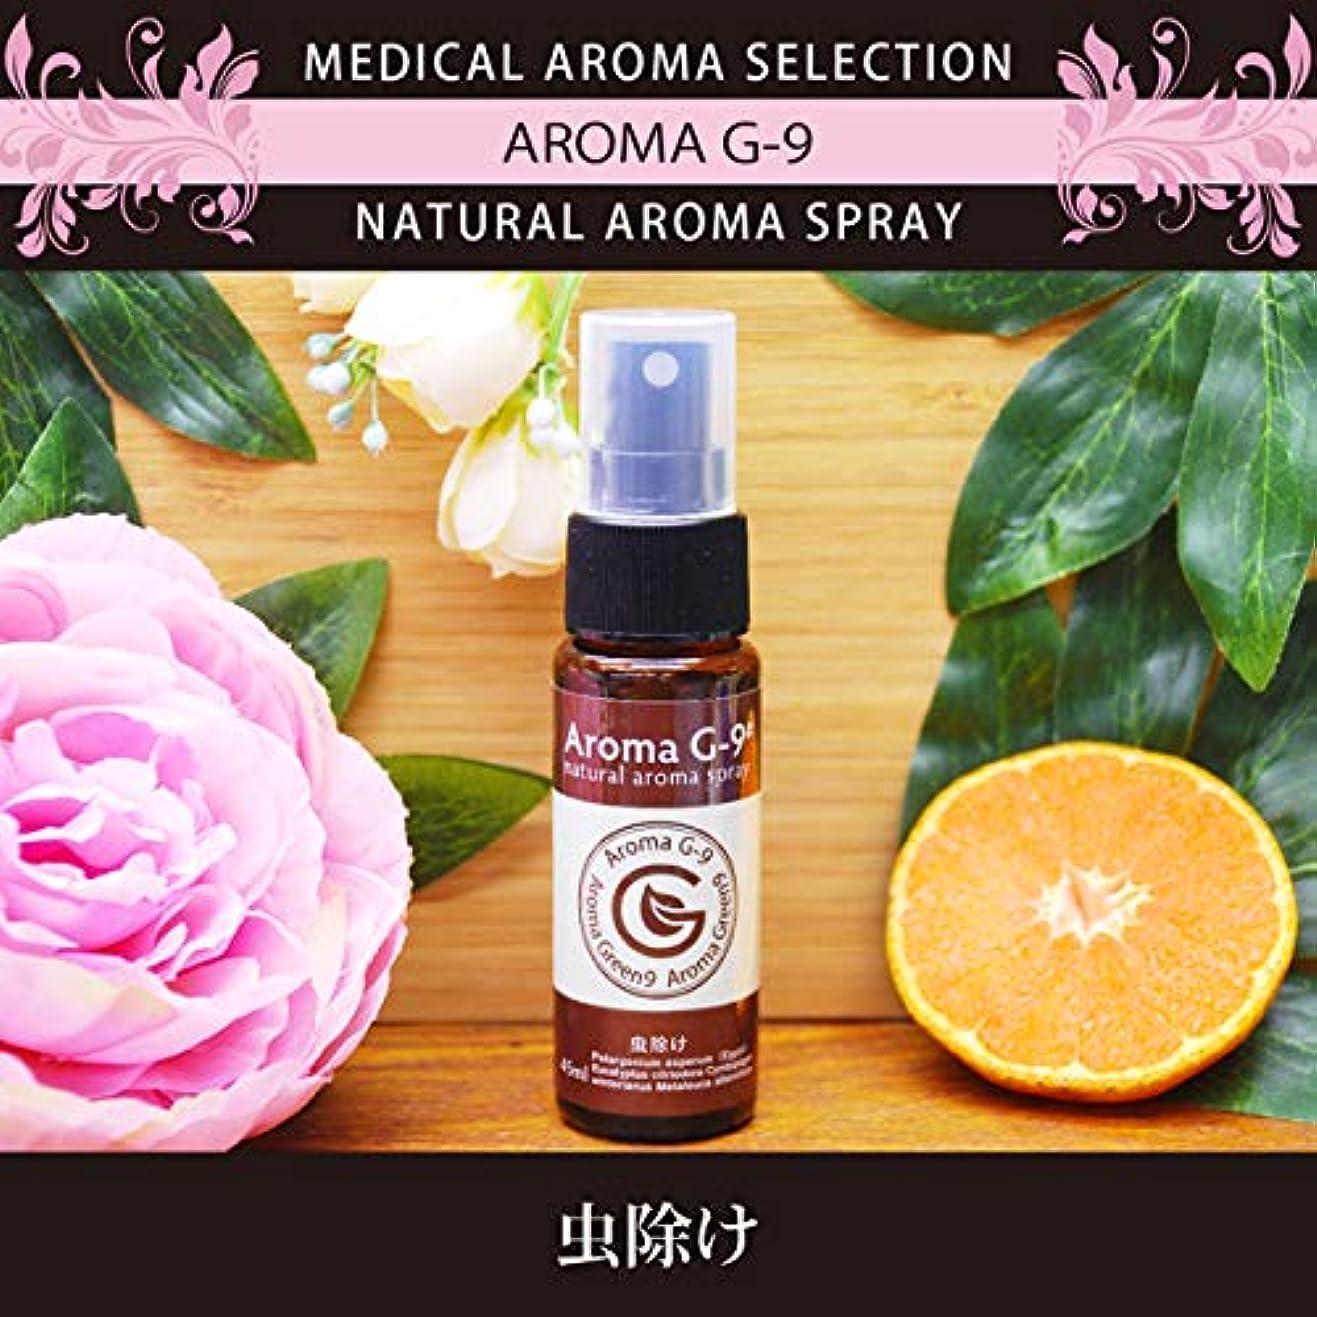 薬を飲むディレクトリ月曜日アロマスプレー Aroma G-9# 虫除けスプレー 45ml